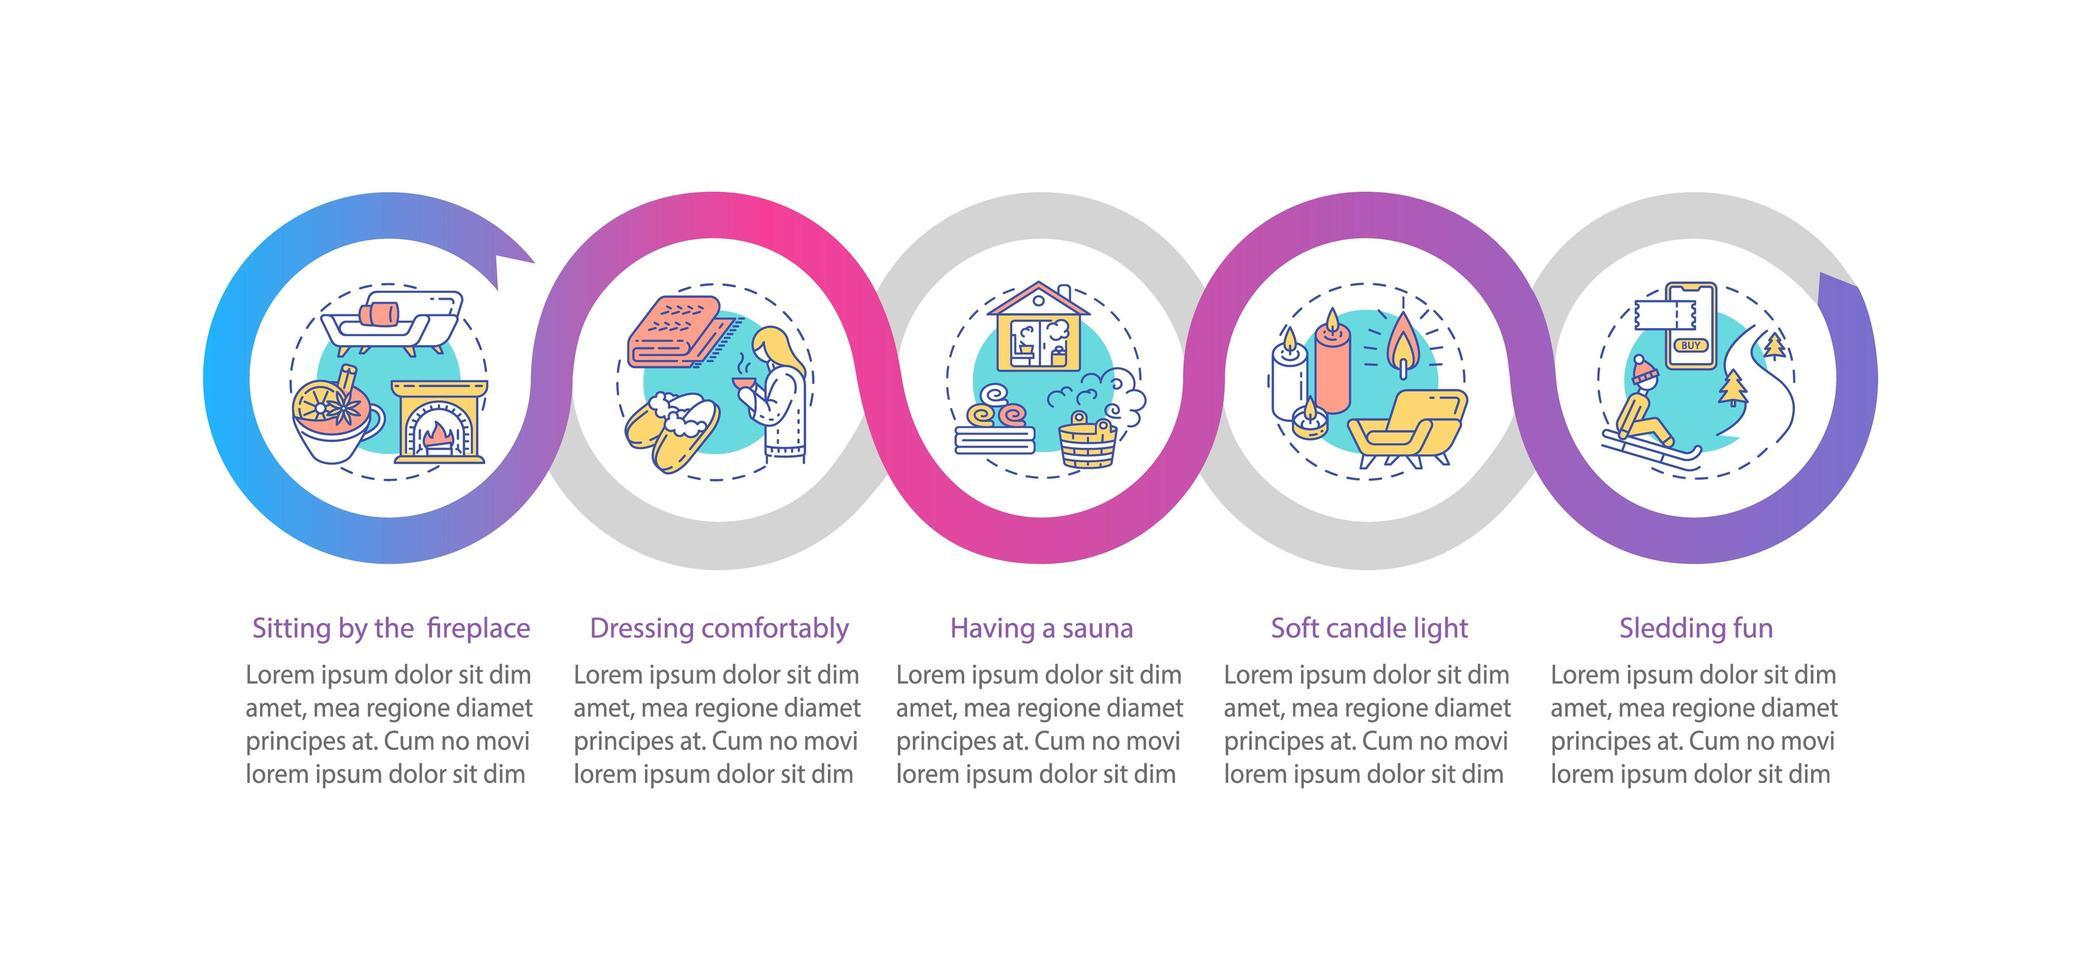 hyggelig Stil Vektor Infografik Vorlage